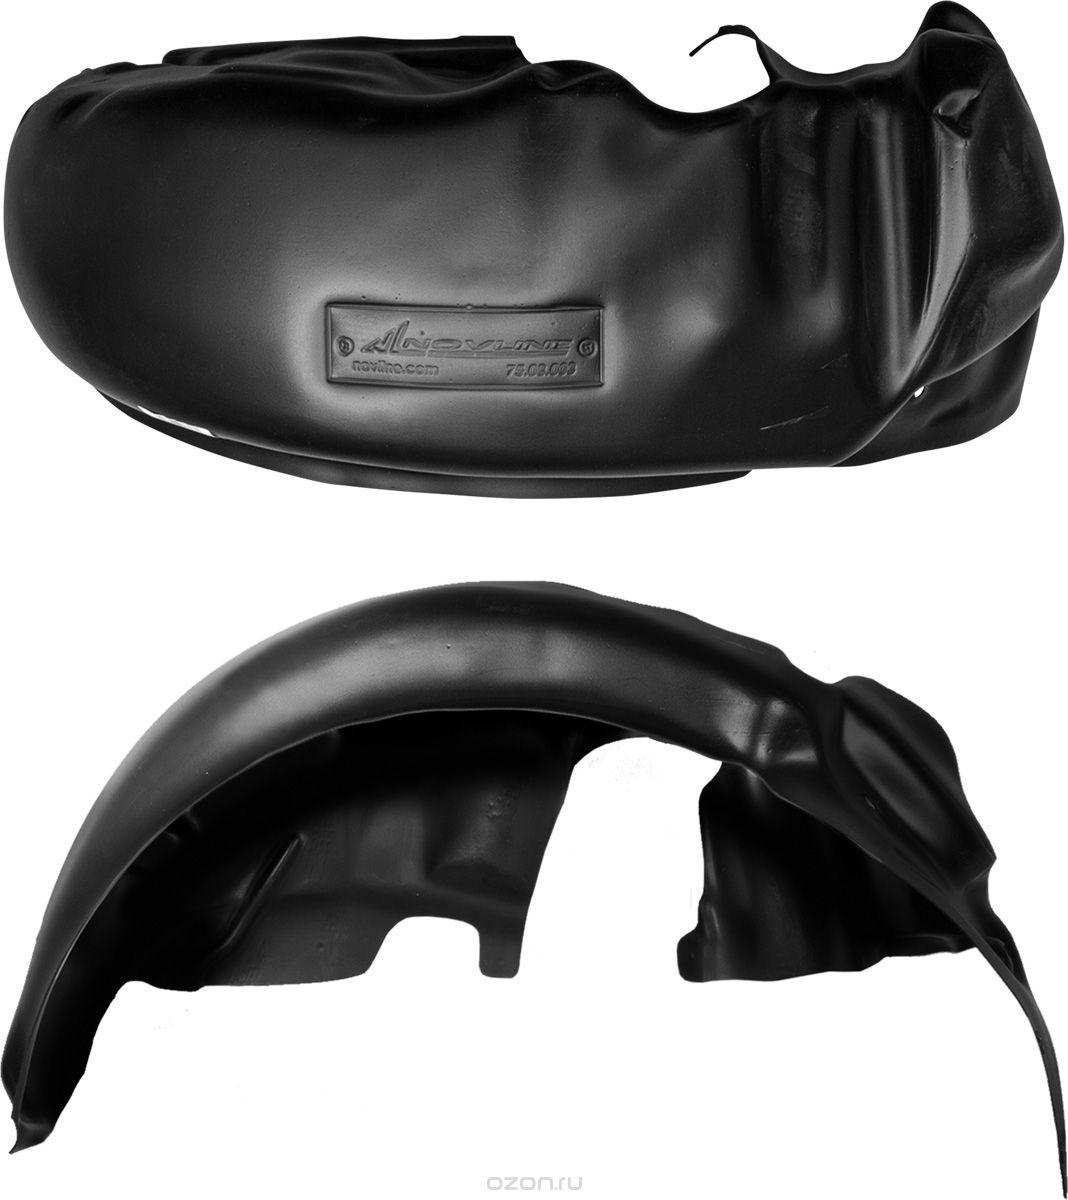 Подкрылок Novline-Autofamily, для НИВА 04/1997->, задний правый002414Идеальная защита колесной ниши. Локеры разработаны с применением цифровых технологий, гарантируют максимальную повторяемость поверхности арки. Изделия устанавливаются без нарушения лакокрасочного покрытия автомобиля, каждый подкрылок комплектуется крепежом. Уважаемые клиенты, обращаем ваше внимание, что фотографии на подкрылки универсальные и не отражают реальную форму изделия. При этом само изделие идет точно под размер указанного автомобиля.